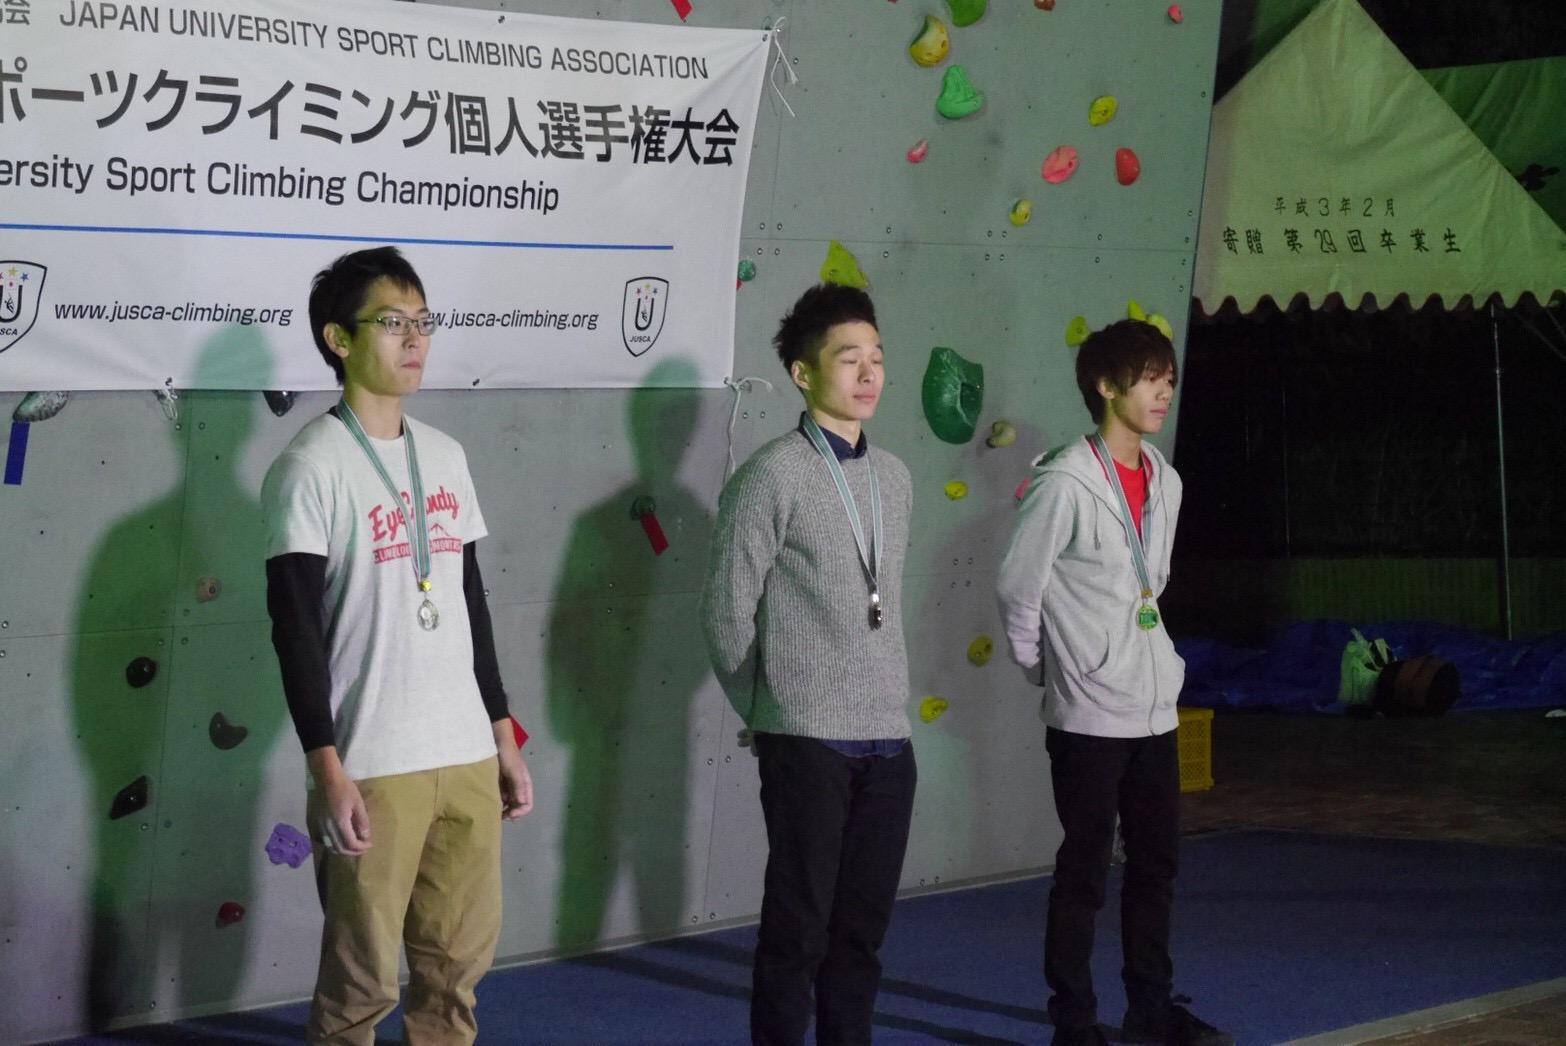 北海道科学大学山岳部の学生が「FISU世界大学スポーツクライミング選手権大会」に出場 -- 男子リード種目の日本代表に決定